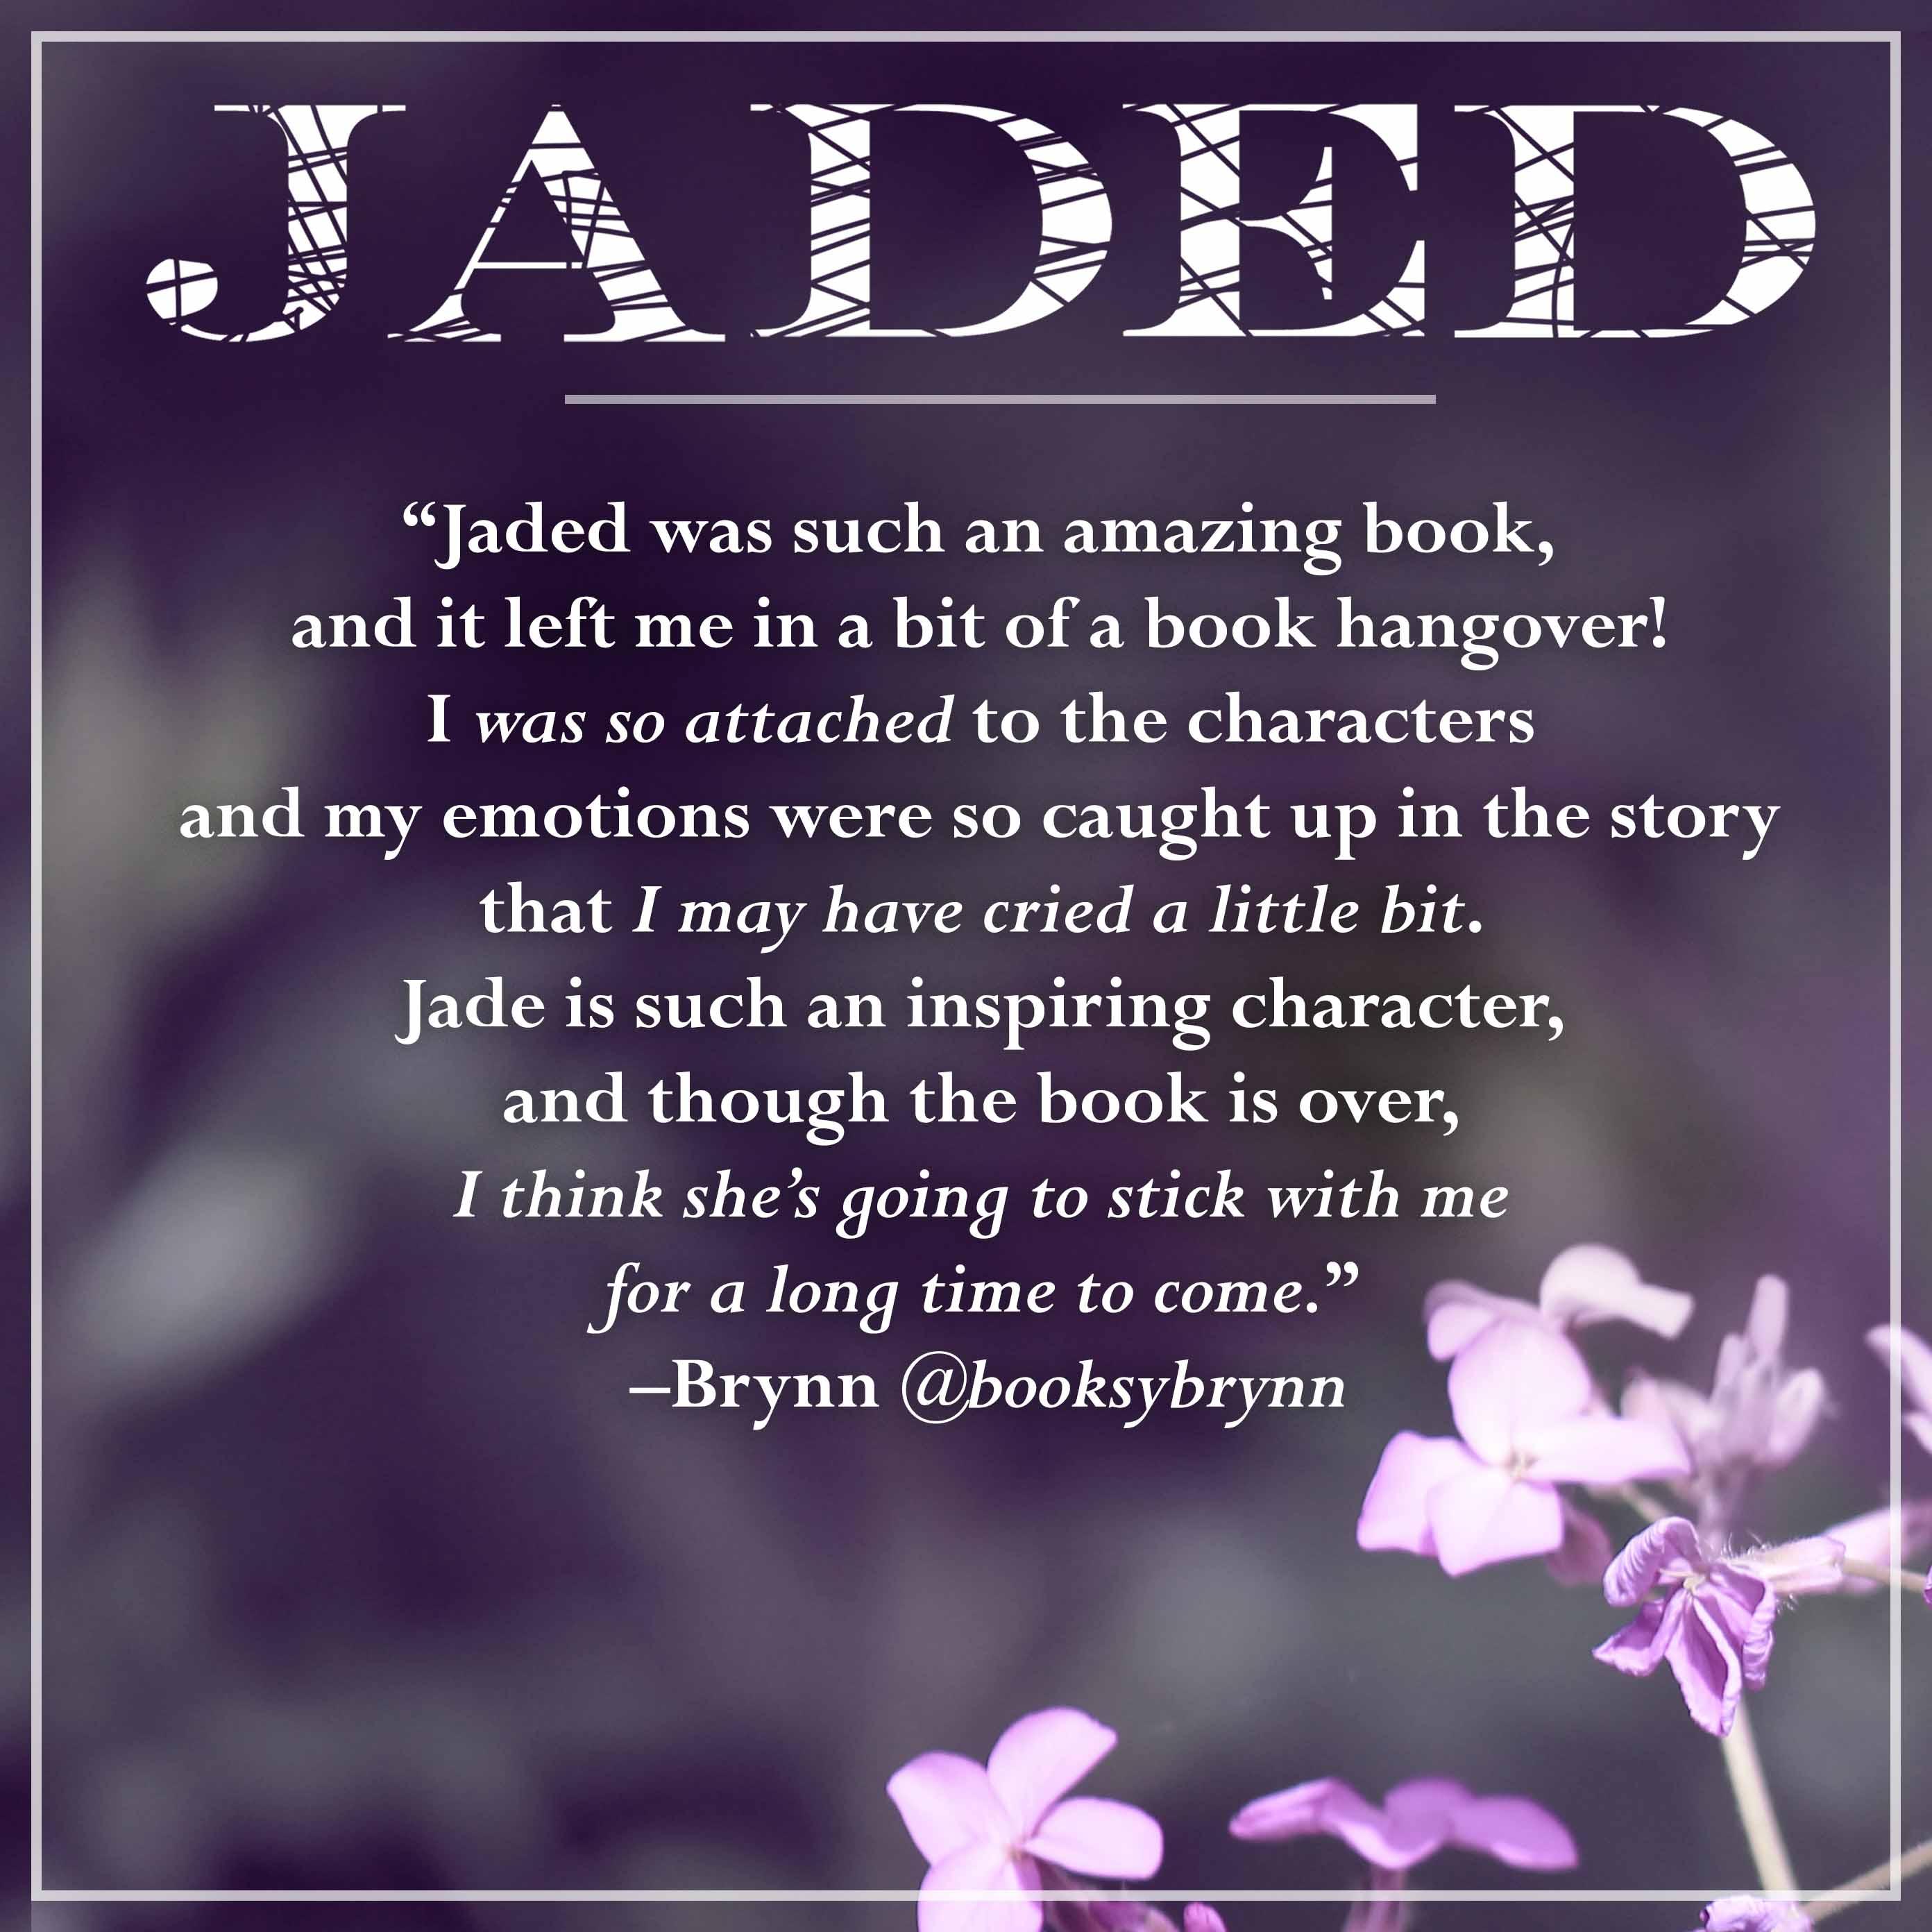 jaded fan quote-brynn